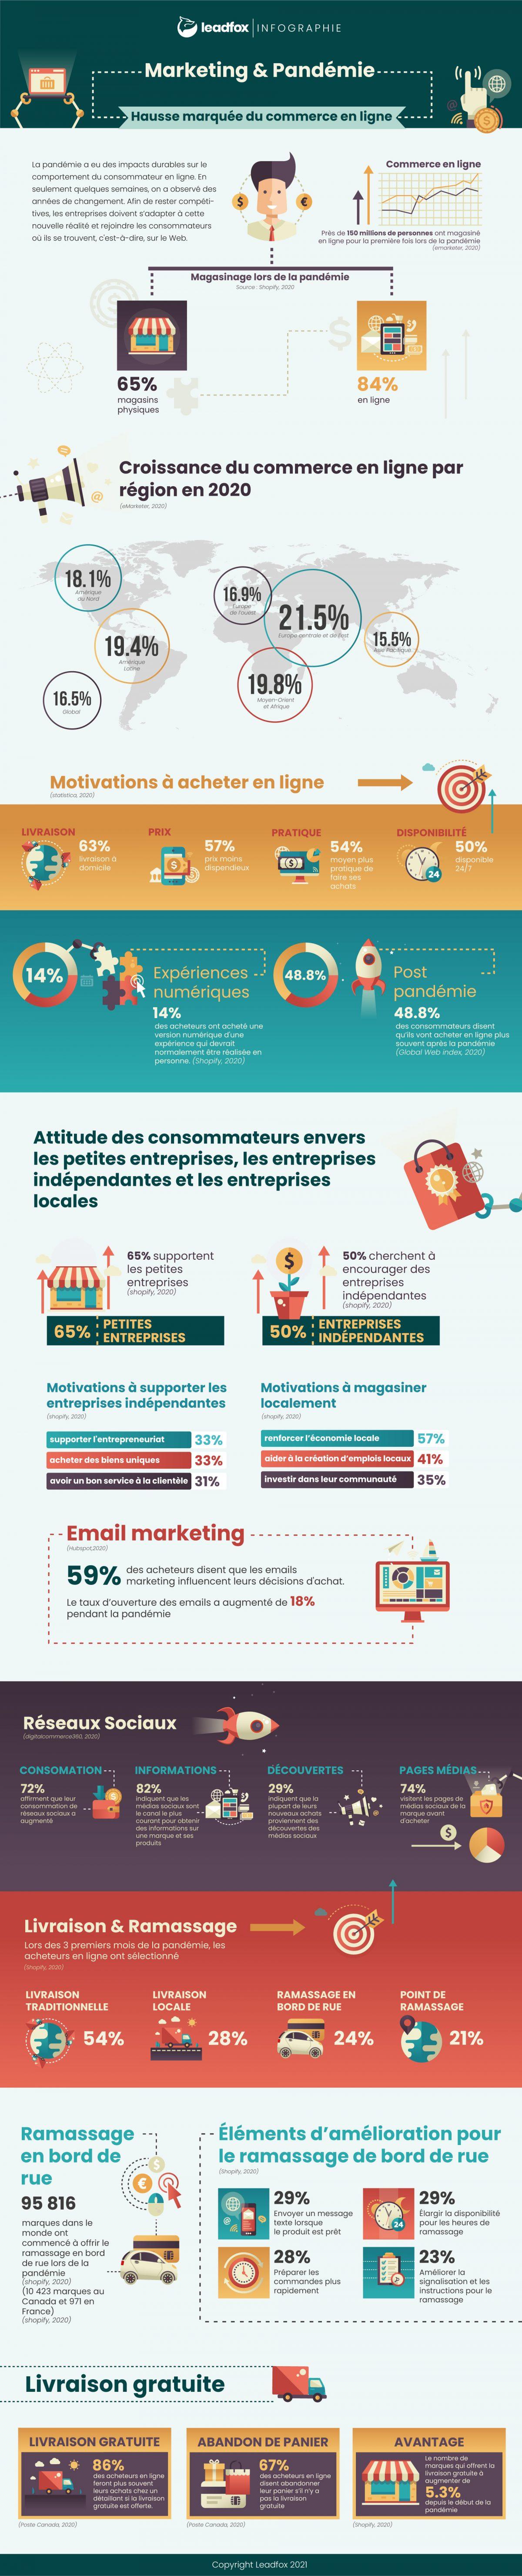 infographie-hausse du commerce en ligne